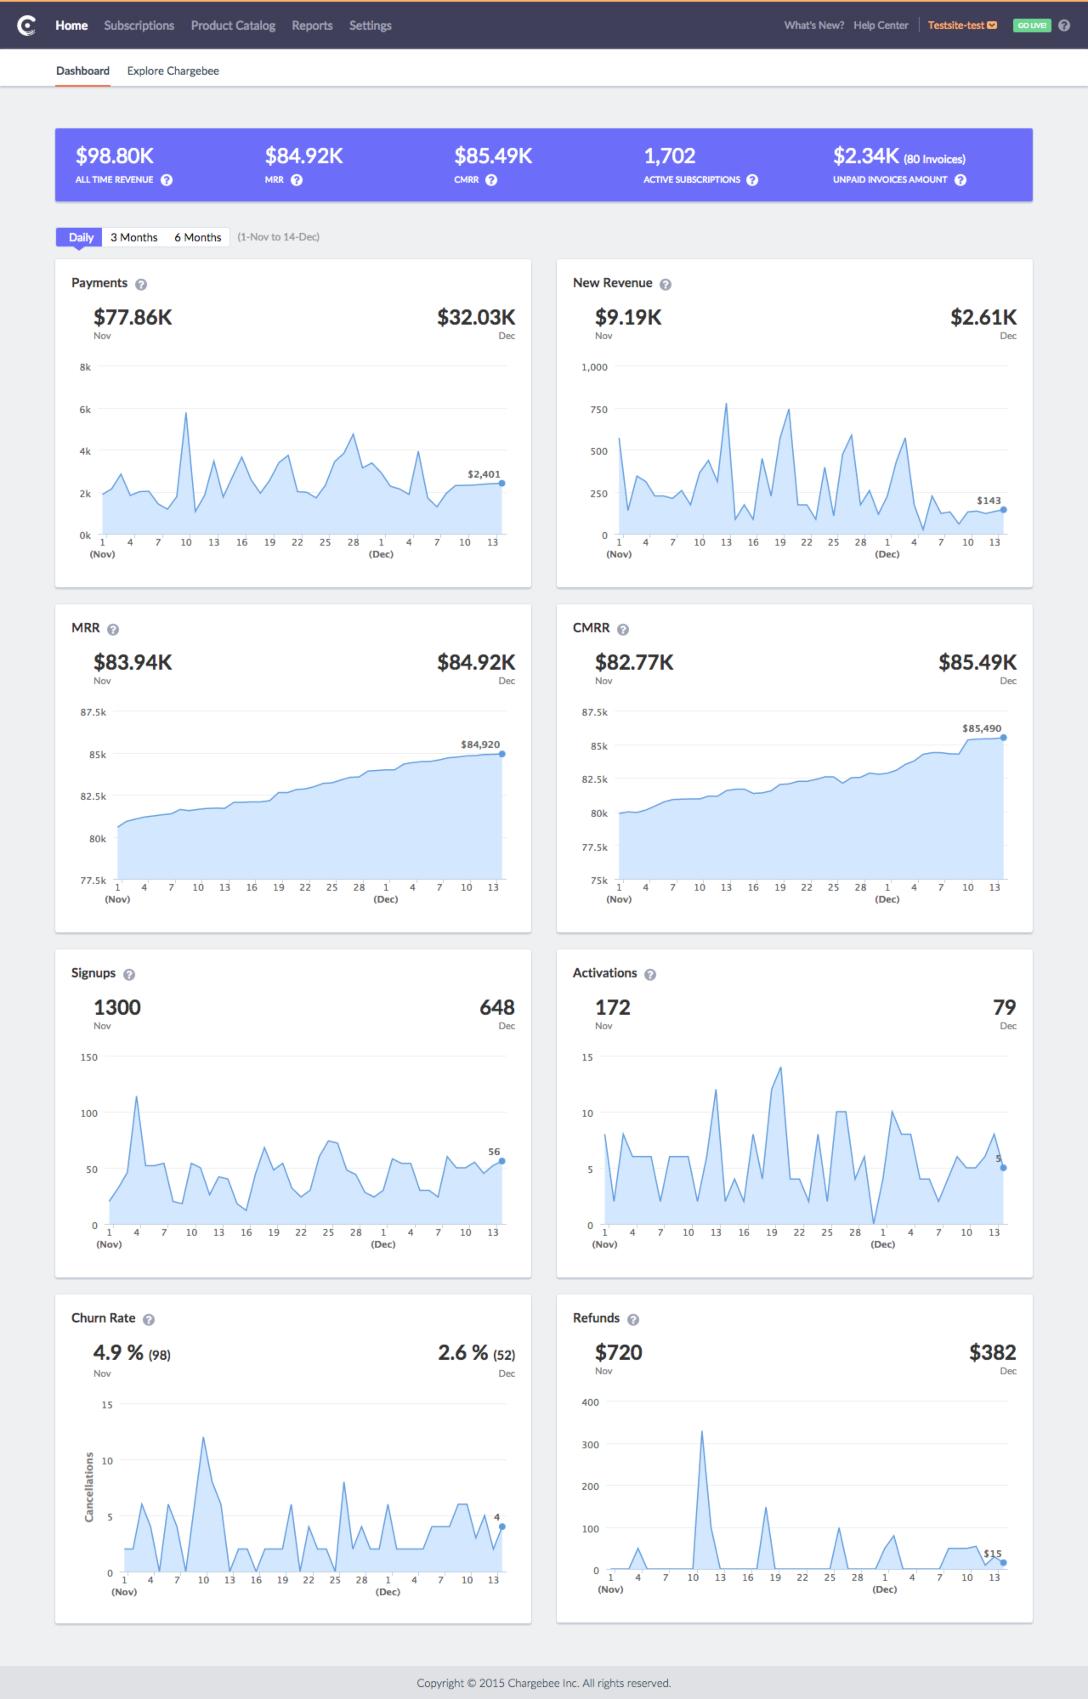 mrr_metrics_dashboard_chargebee2